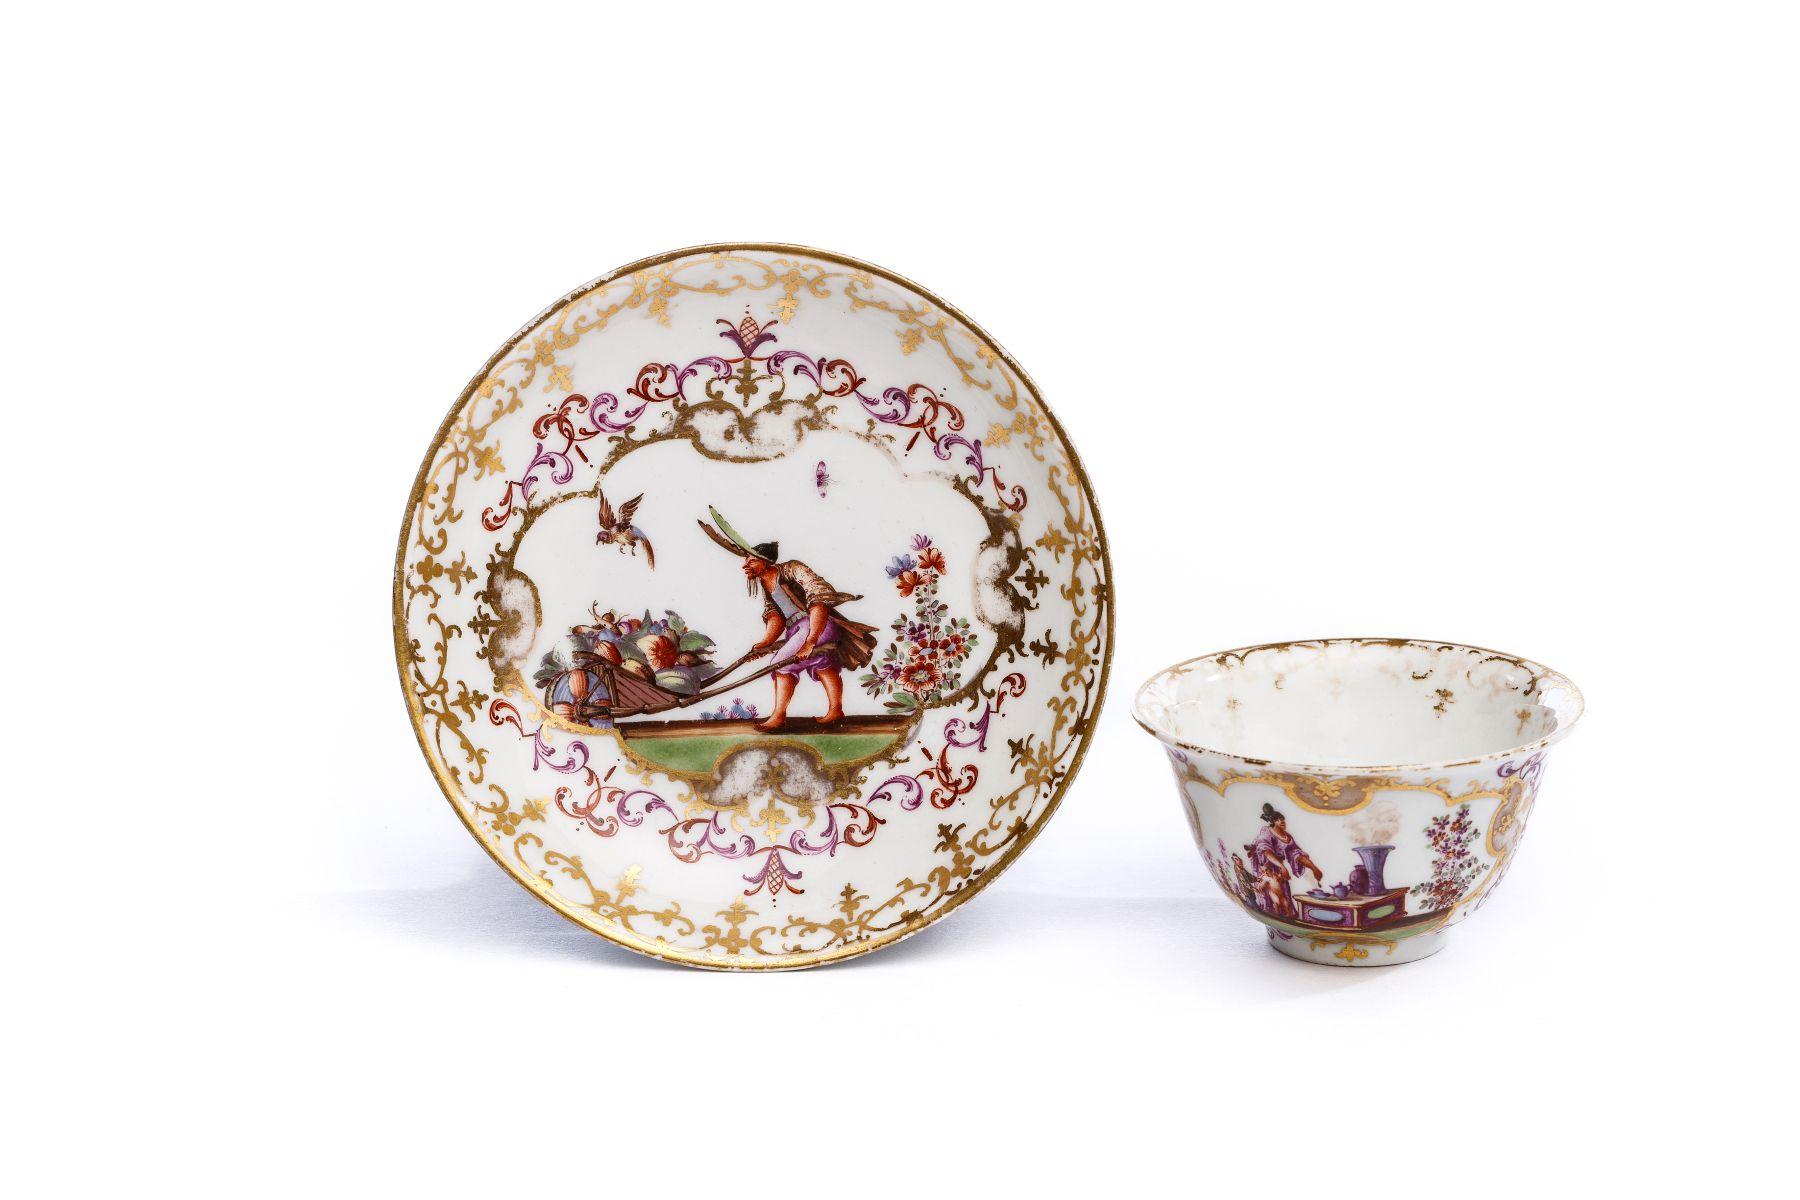 #32 Bowl with saucer, Meissen 1723/25 | Koppchen mit Unterschale, Meissen 1723/25 Image